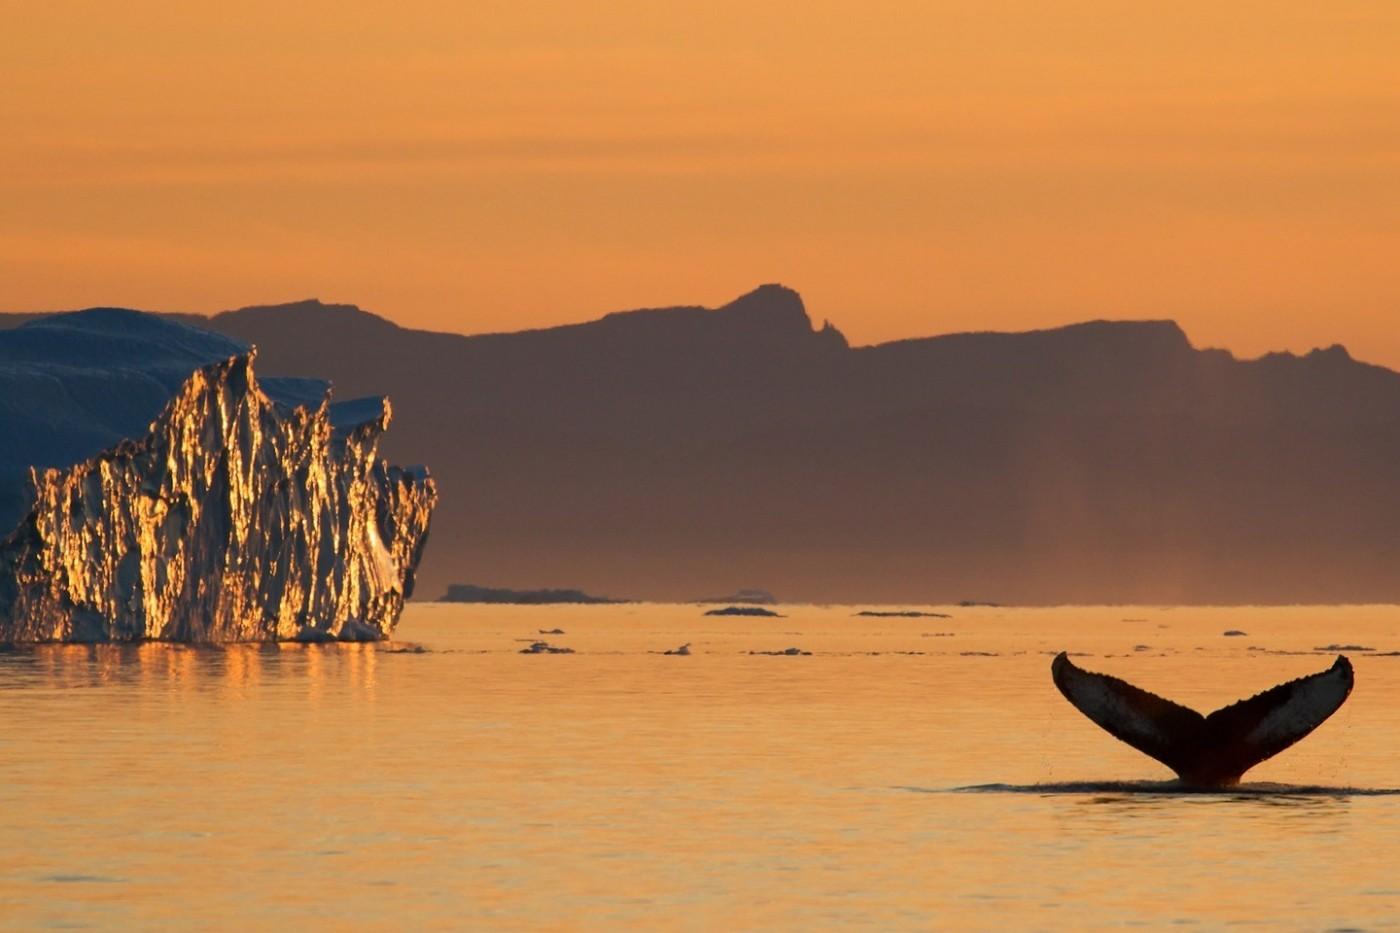 Photo by Julie Skotte - Visit Greenland